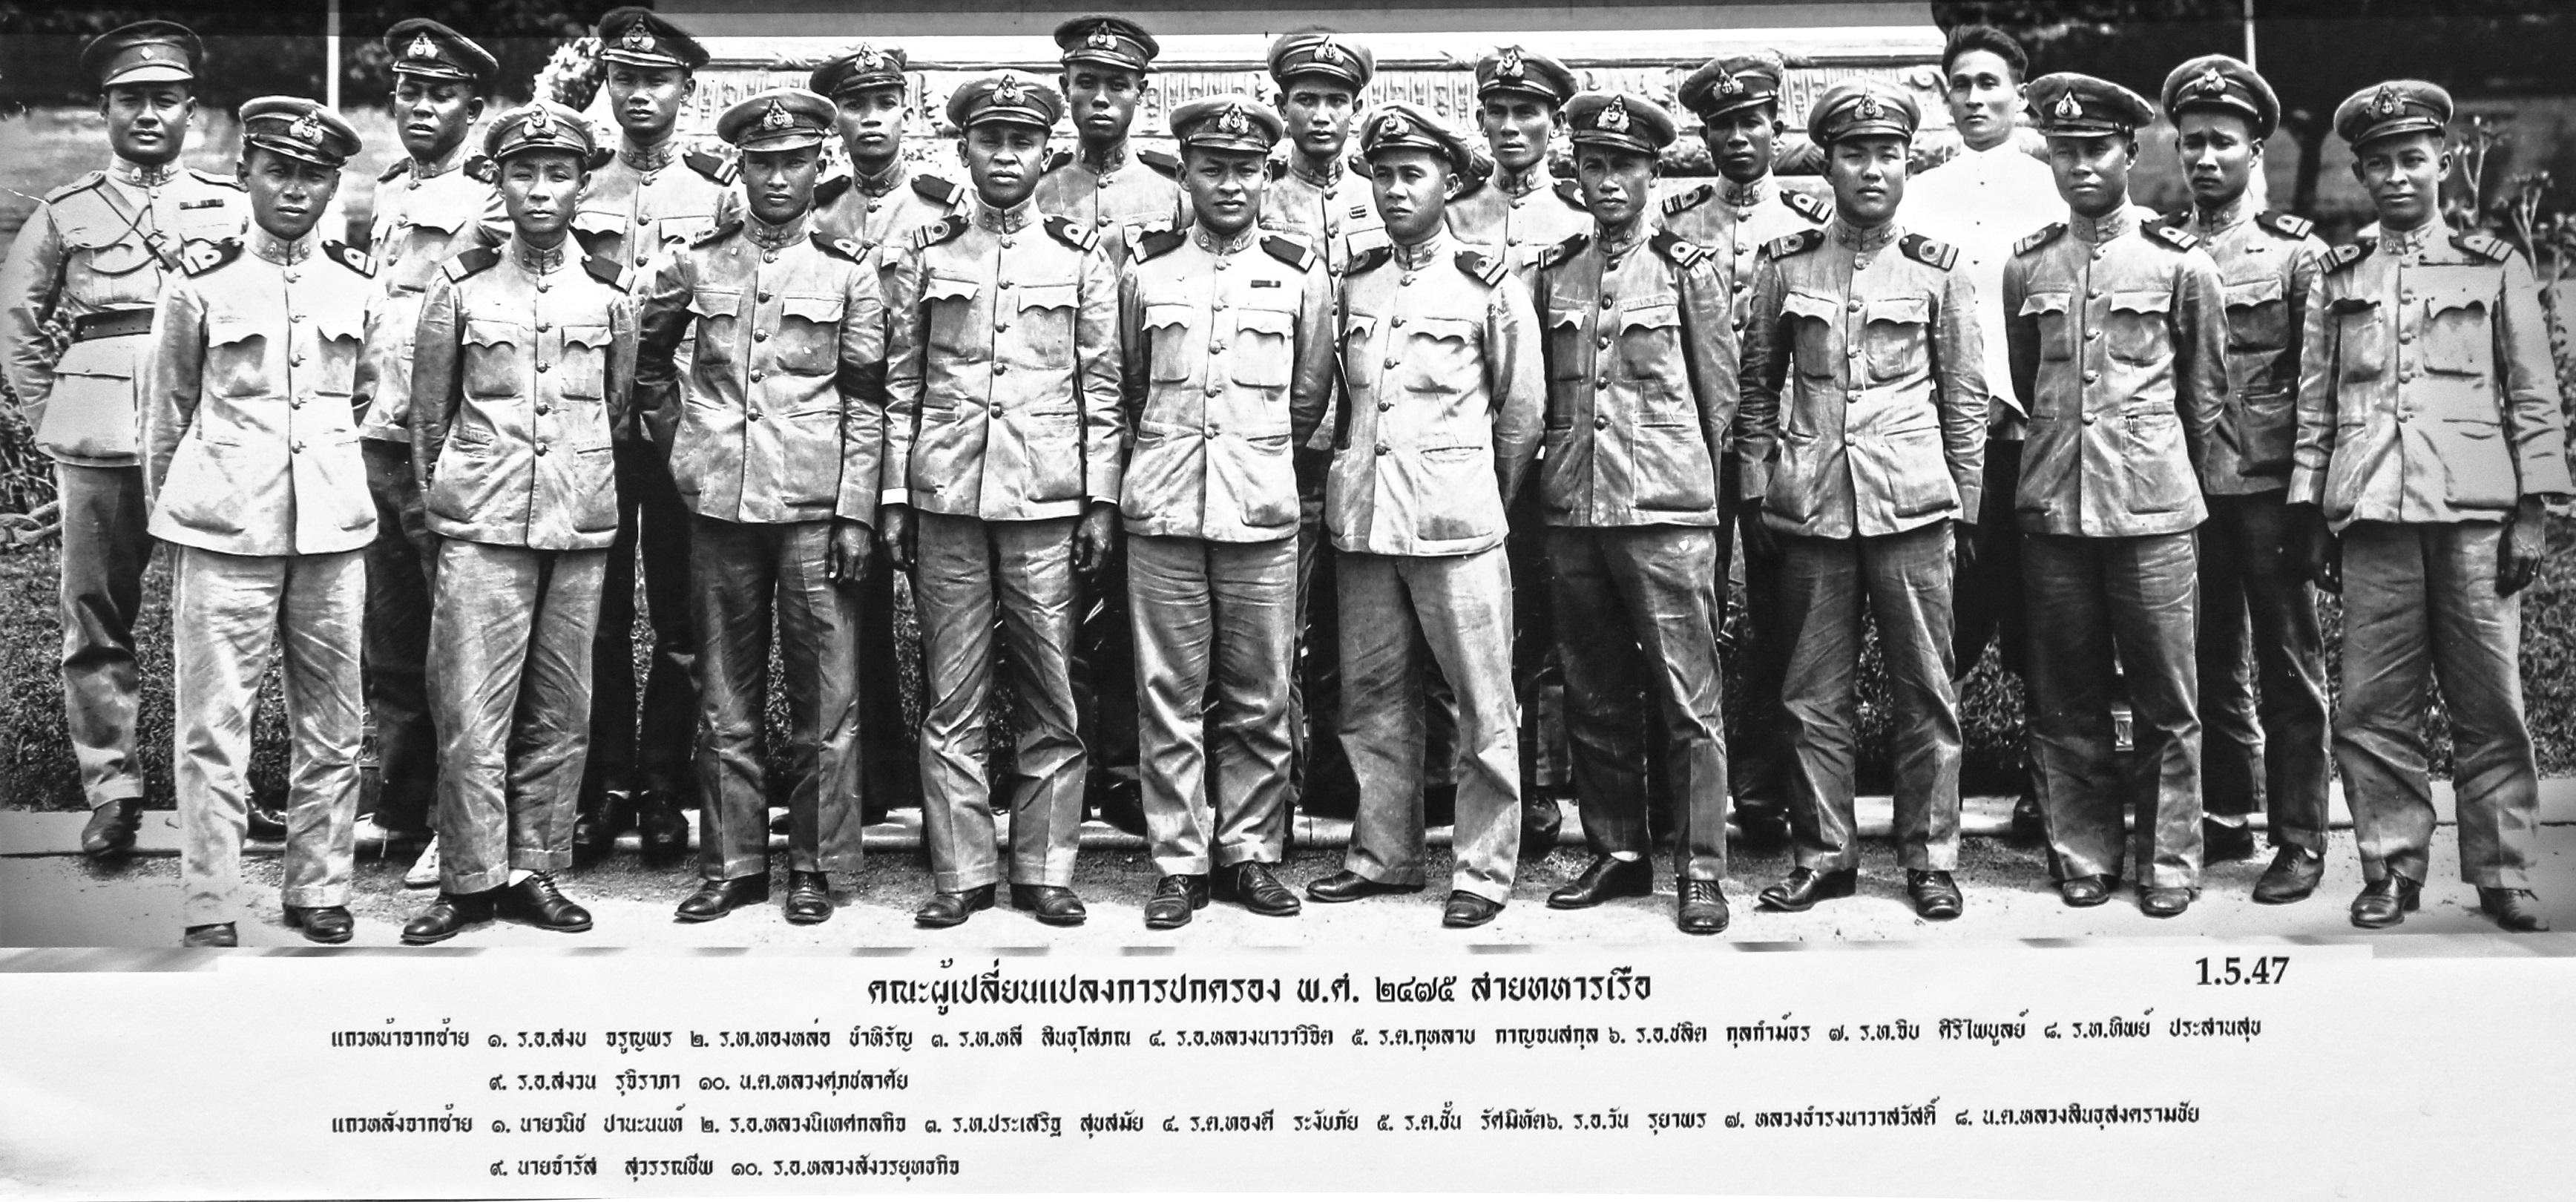 คณะราษฎร สายทหารเรือ (photo: Wikipedia)